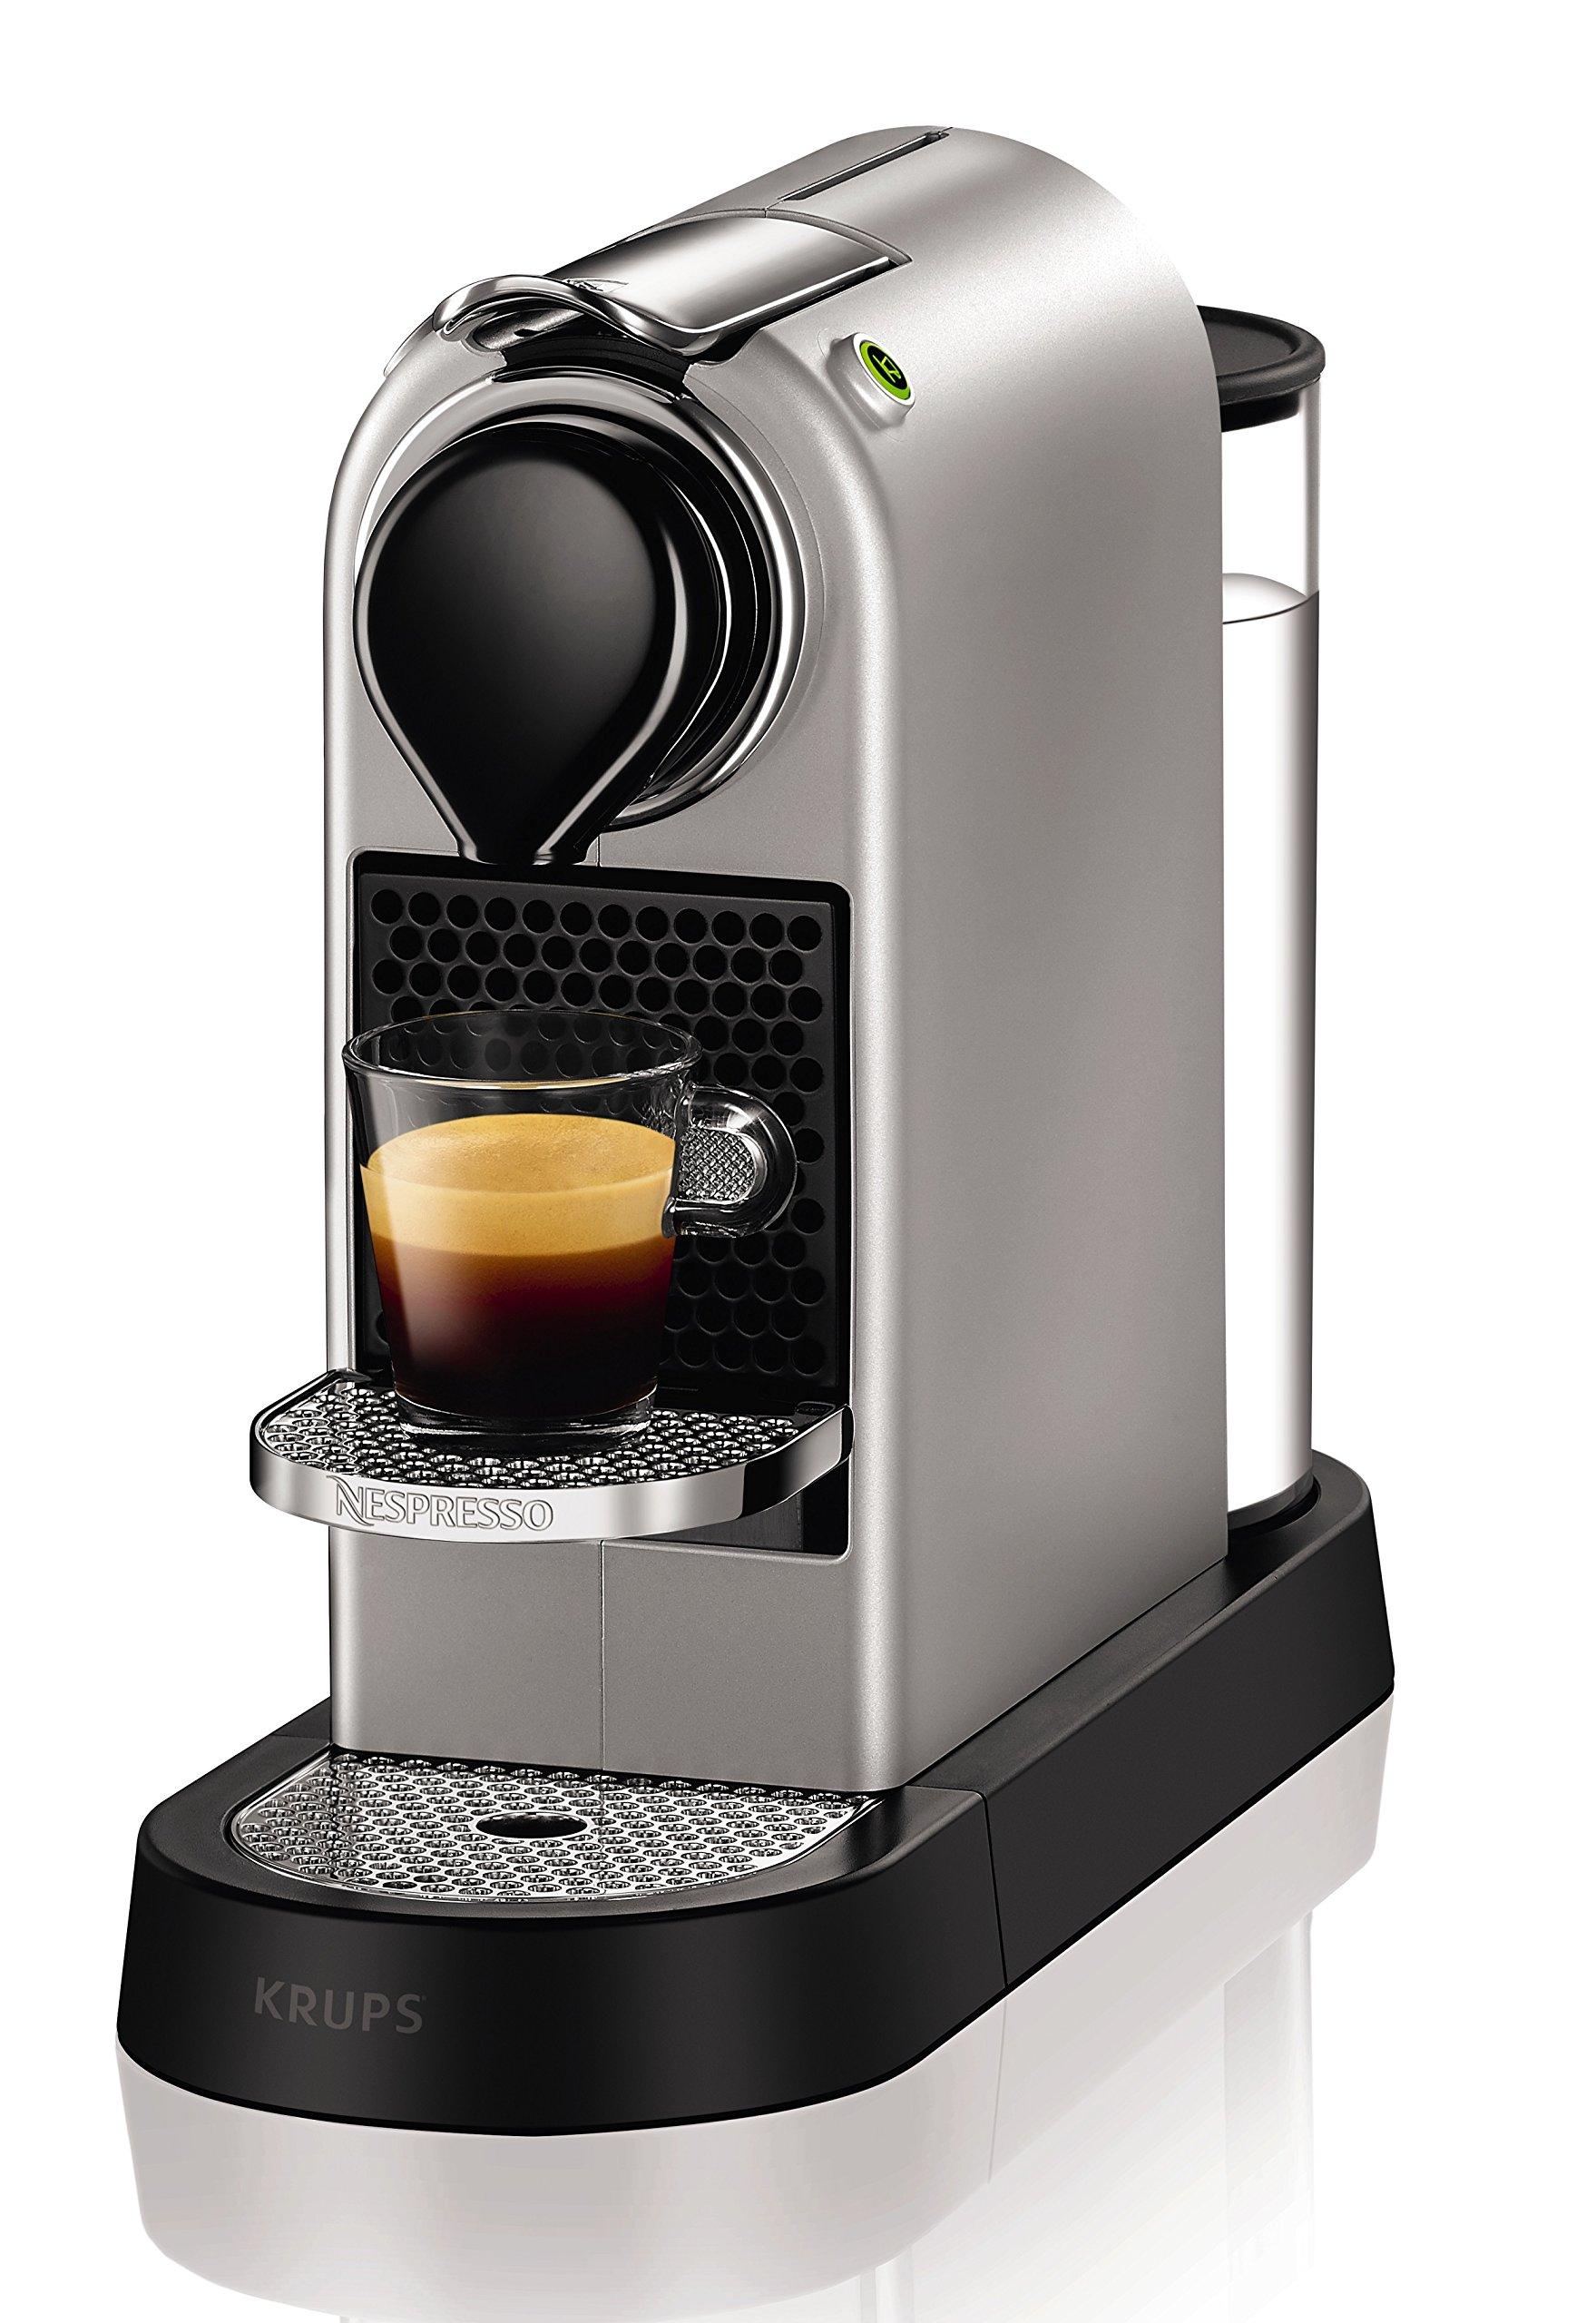 Nespresso Krups Citiz XN740B - Cafetera monodosis de cápsulas Nespresso, compacta, 19 bares,